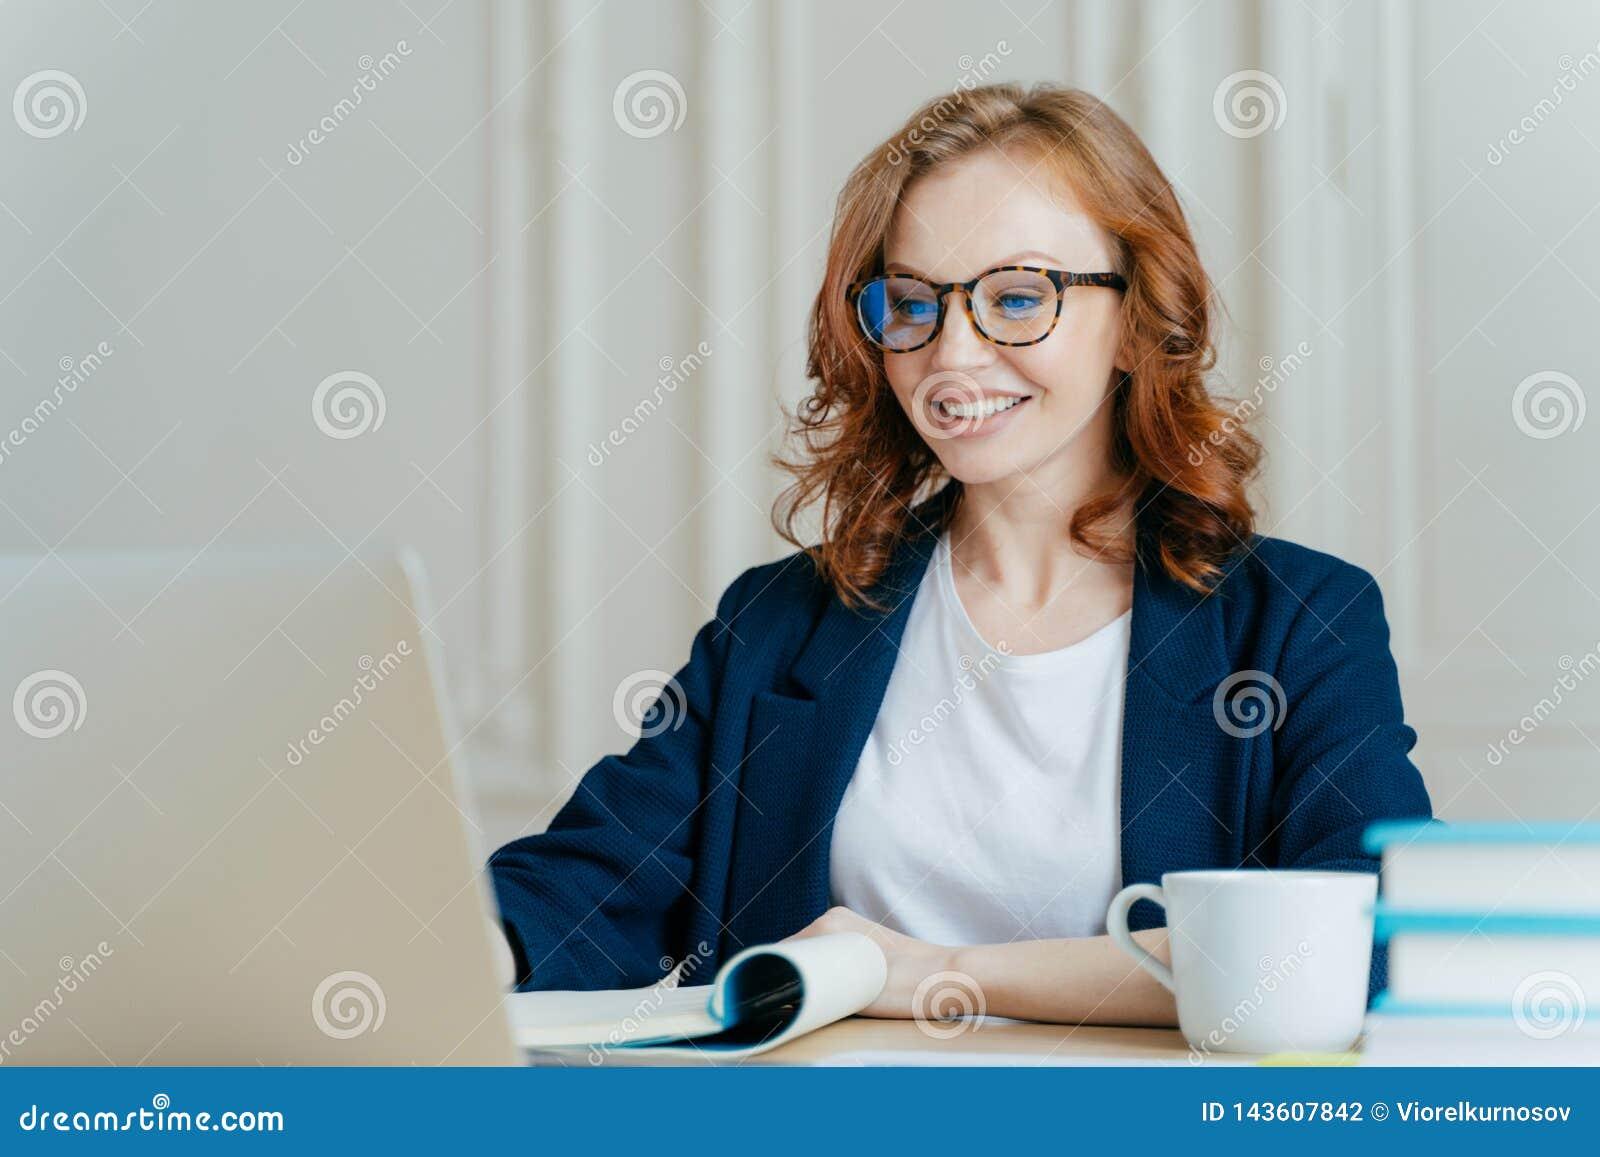 La mujer preciosa alegre tiene pelo del jengibre, sonrisa positiva, se sienta con el ordenador portátil en la mesa, feliz de hace